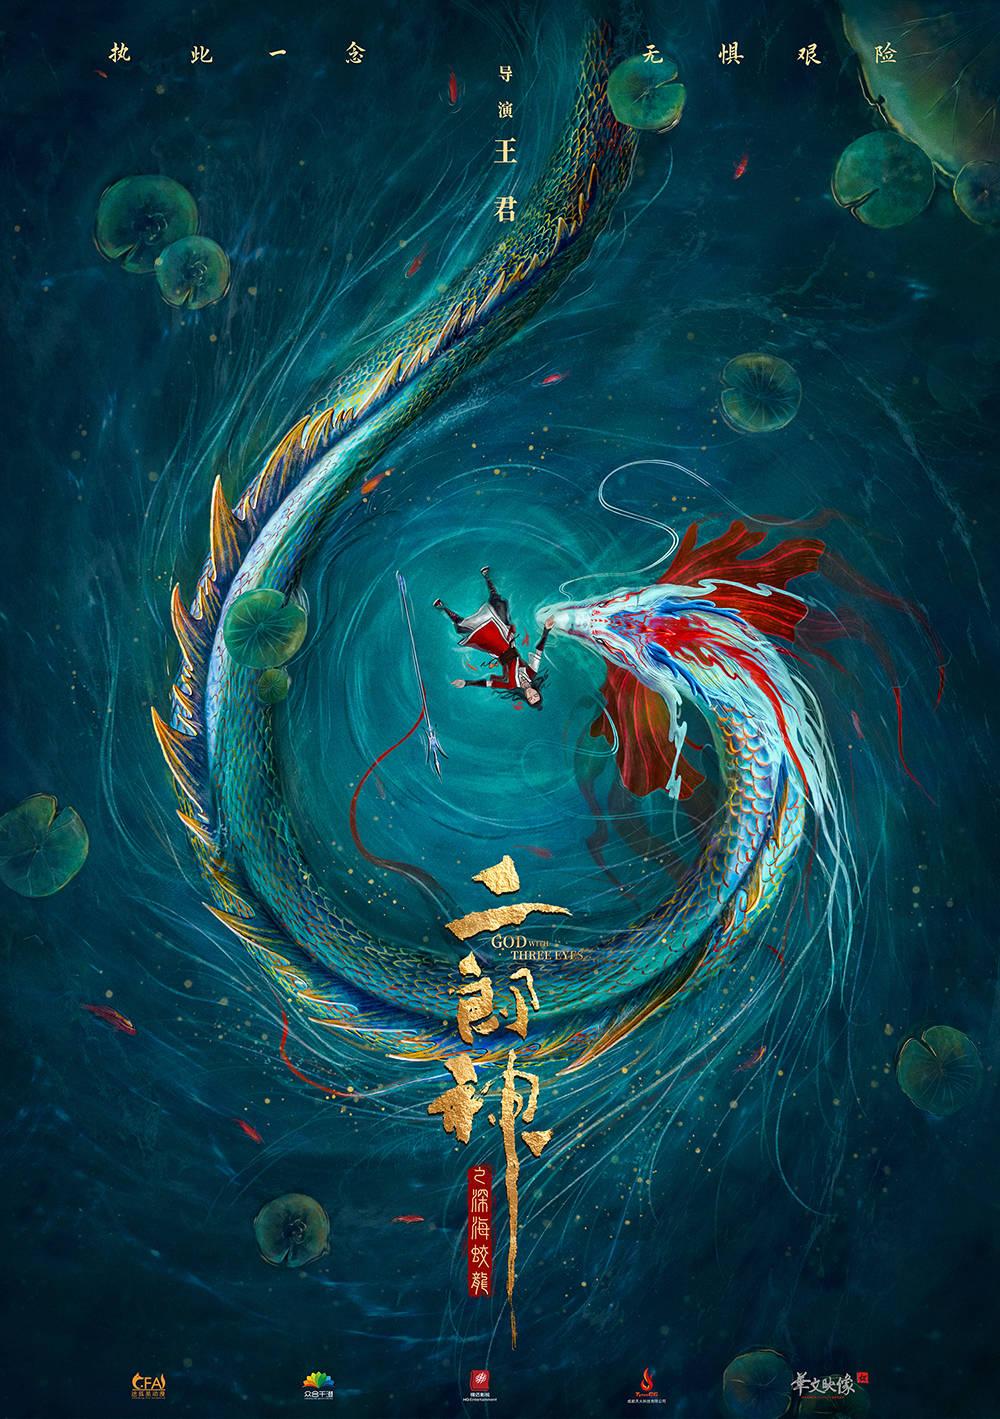 《二郎神之深海蛟龙》发布首支概念预告 封神之战未完待续